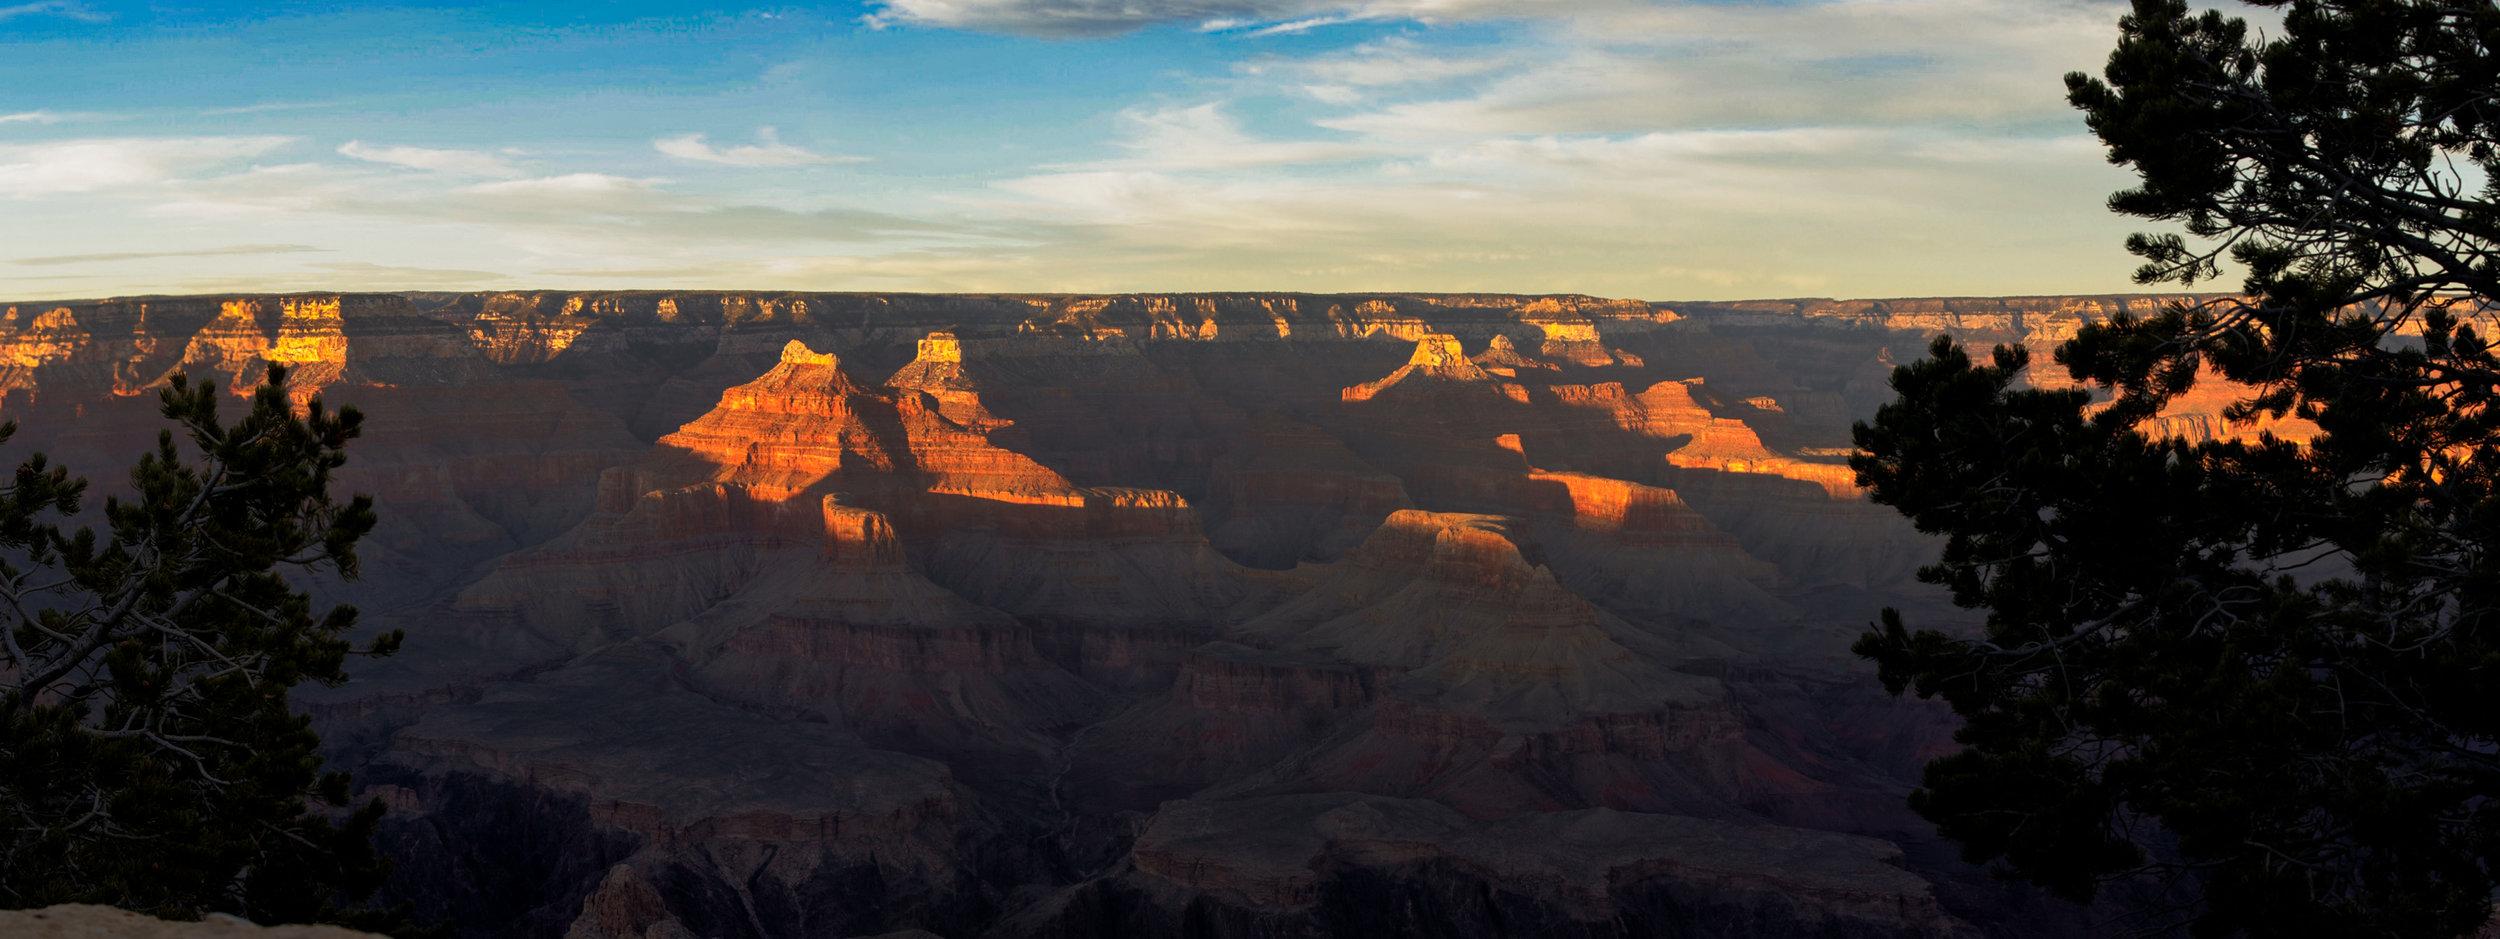 To Panoramic Vistas from across America! -